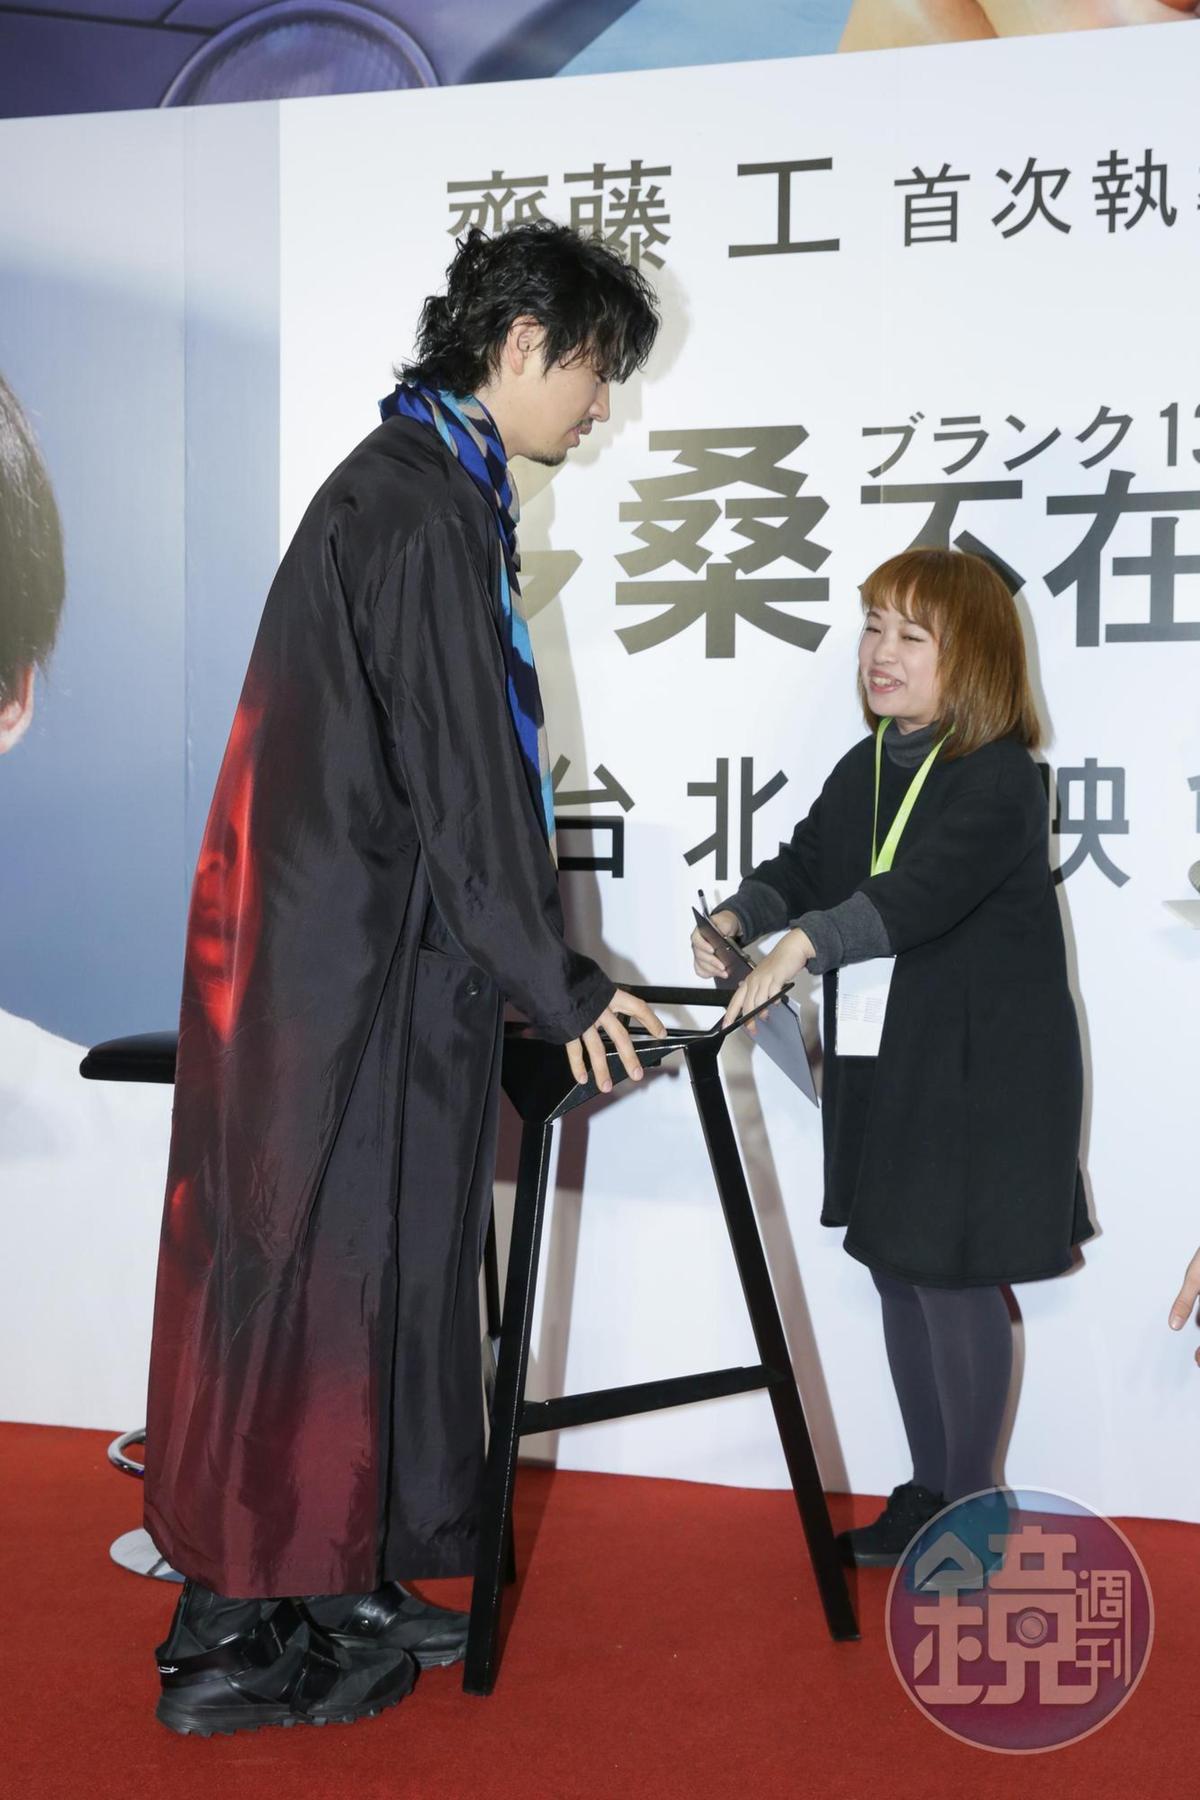 翻譯老師因座位高度無法上座,齋藤工主動將椅子搬開,一起站著進行訪問。